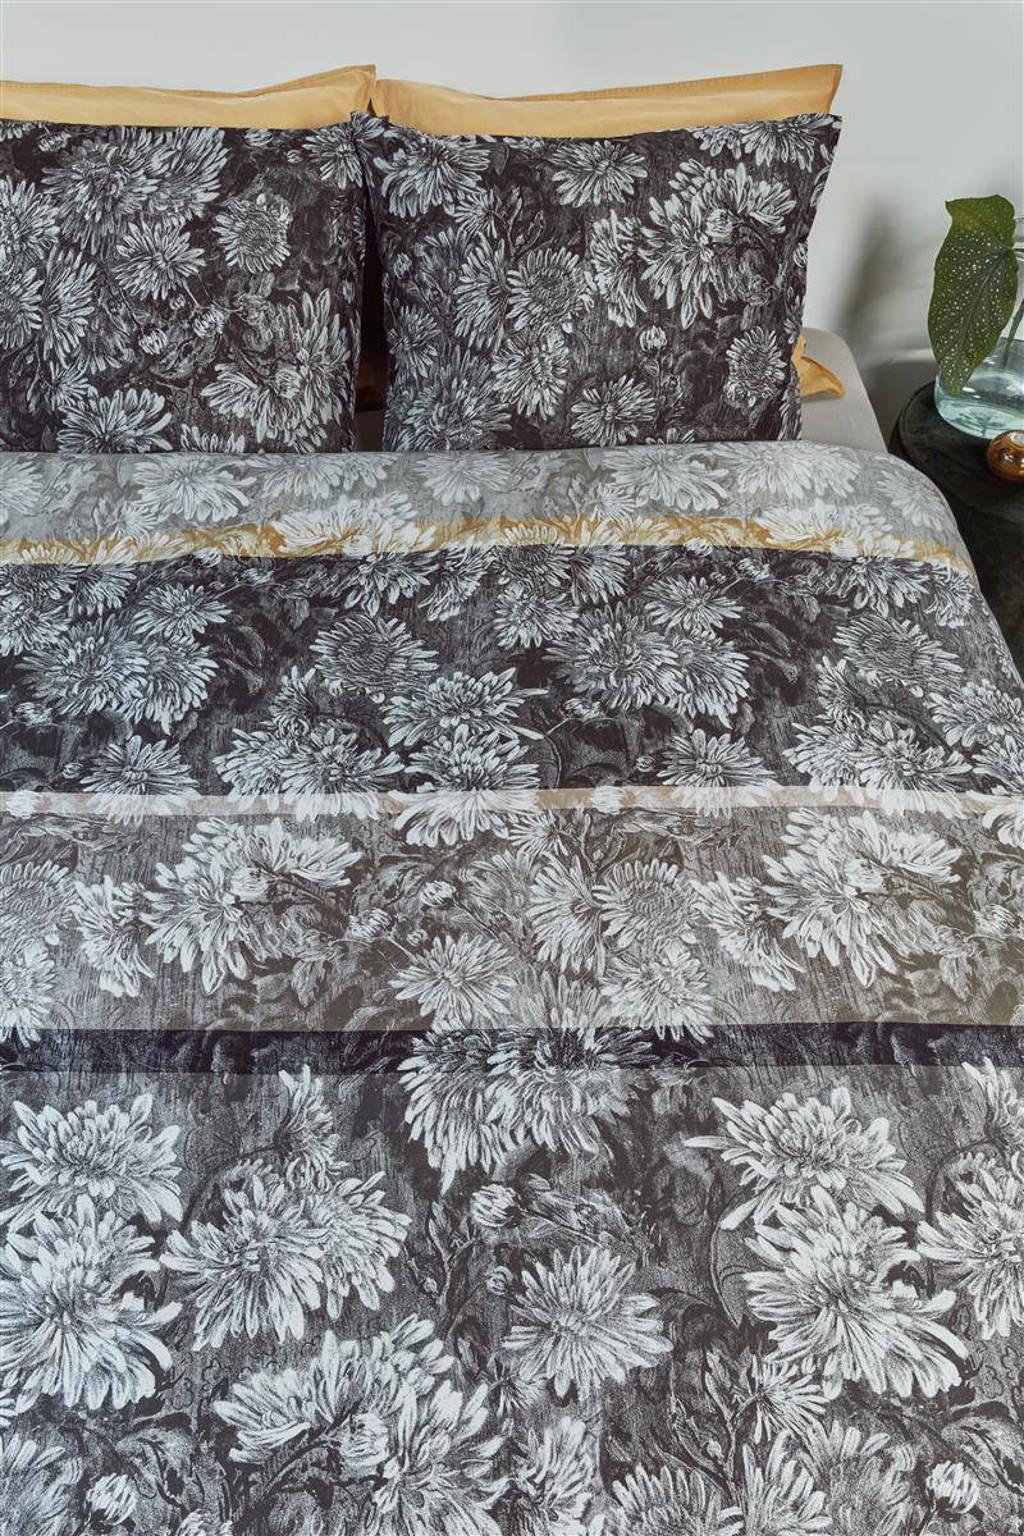 Beddinghouse katoensatijnen dekbedovertrek 1 persoons, 1 persoons (140 cm breed)